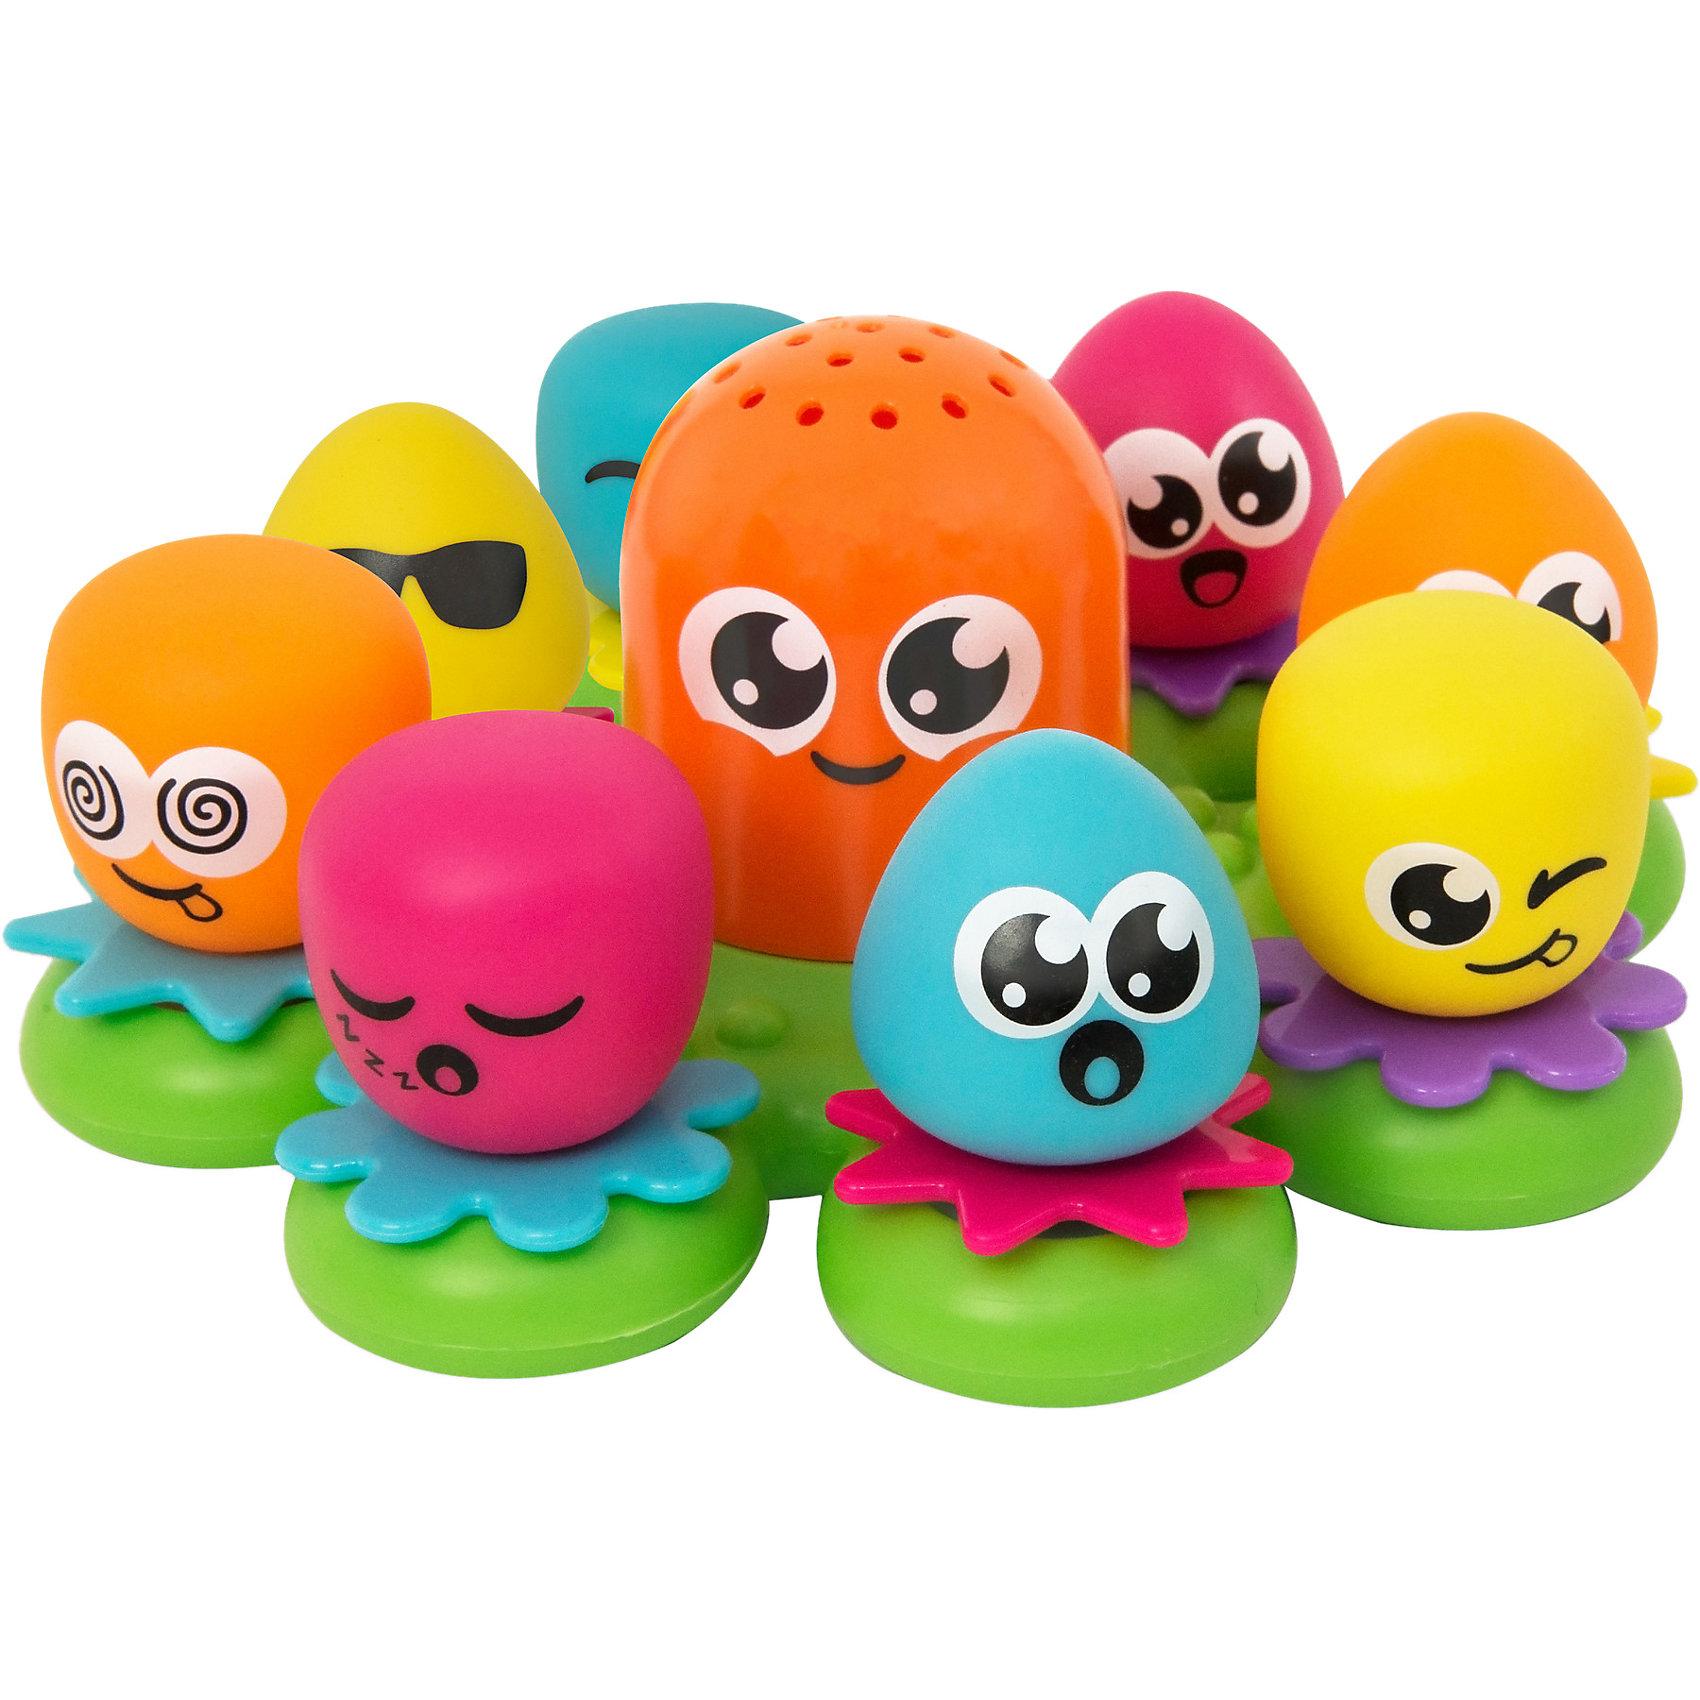 Игрушка для ванной Друзья Осьминоги, TOMYХарактеристики игрушки для ванной Друзья Осьминоги:<br><br>- возраст: от 12 месяцев<br>- пол: для мальчиков и девочек<br>- комплект: основа, 8 осьминогов.<br>- материал: пластик, полимер.<br>- размер упаковки: 30 * 13 * 30 см.<br>- упаковка: картонная коробка.<br>- вес: 640 гр.<br>- диаметр игрушки: 25 см.<br>- страна обладатель бренда: Великобритания.<br><br>Замечательный набор для ванной Друзья осьминоги из серии Aqua Fun смогут сделать процесс купания для ребенка более интересным и увлекательным. Восемь осьминогов с милыми мордашками готовы составить компанию в ванной своему юному владельцу. Осьминоги выполнены из пластика и окрашены в яркие притягательные цвета, благодаря чему они смогут понравиться любому малышу.<br>Все они снабжены присосками, благодаря чему их можно прикрепить к кафелю. Также эти морские создания умеют брызгаться водой. С такими забавными существами ребенок сможет забыть про скуку во время купания.<br><br>Игрушку для ванной Друзья Осьминоги торговой марки Tomy (Томи) можно купить в нашем интернет-магазине.<br><br>Ширина мм: 304<br>Глубина мм: 284<br>Высота мм: 132<br>Вес г: 615<br>Возраст от месяцев: 12<br>Возраст до месяцев: 48<br>Пол: Унисекс<br>Возраст: Детский<br>SKU: 1602934